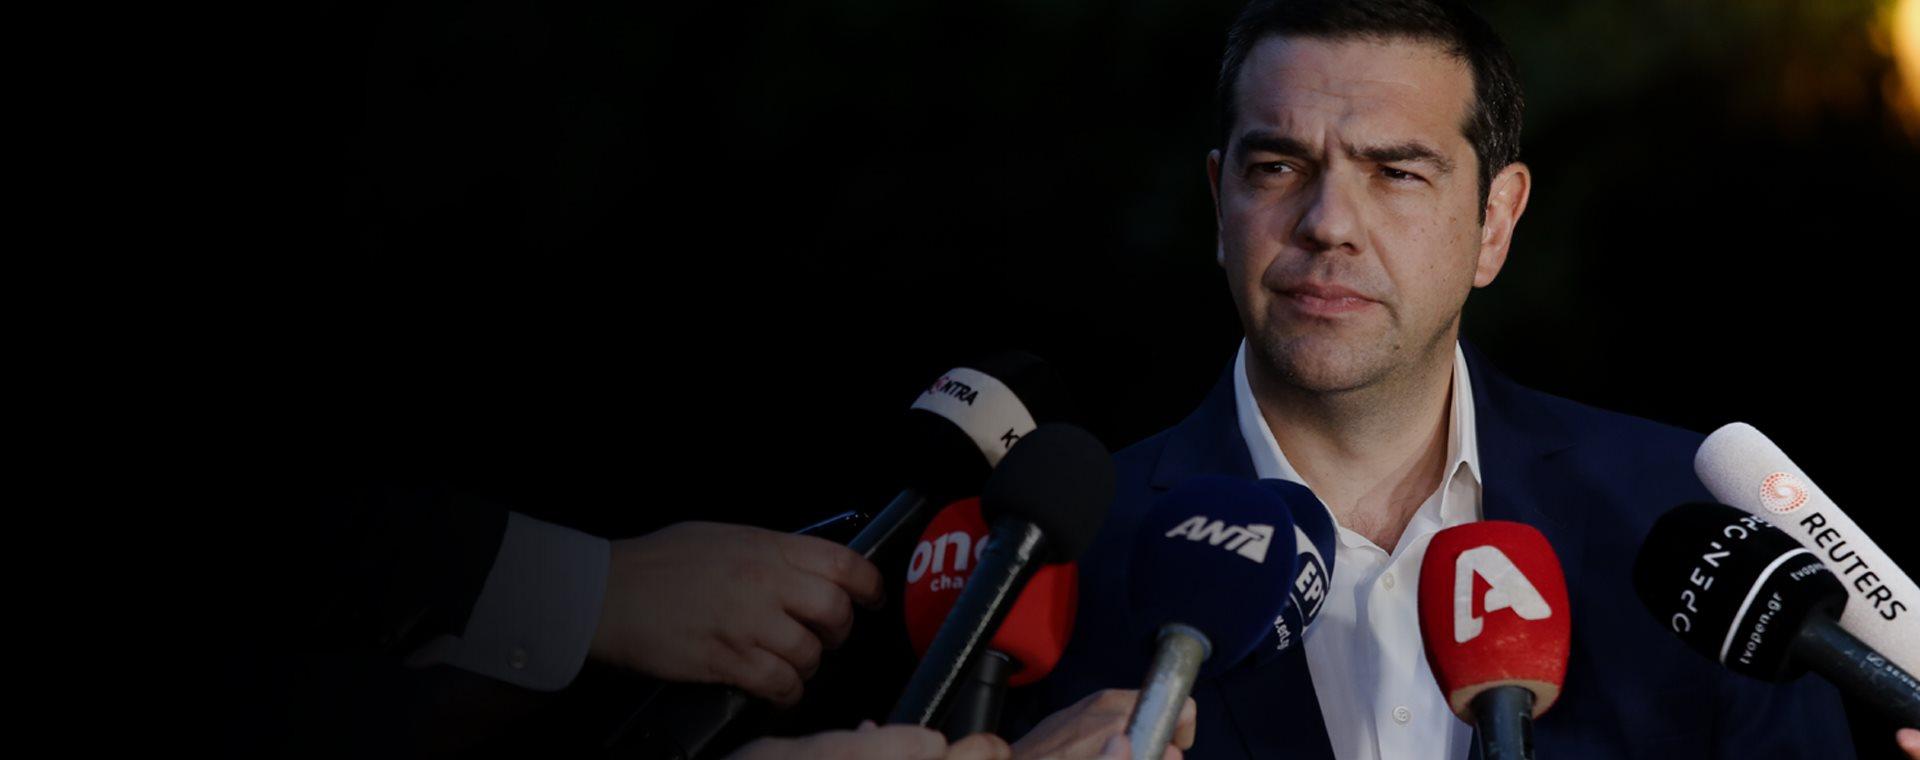 tsipras_new_mainn